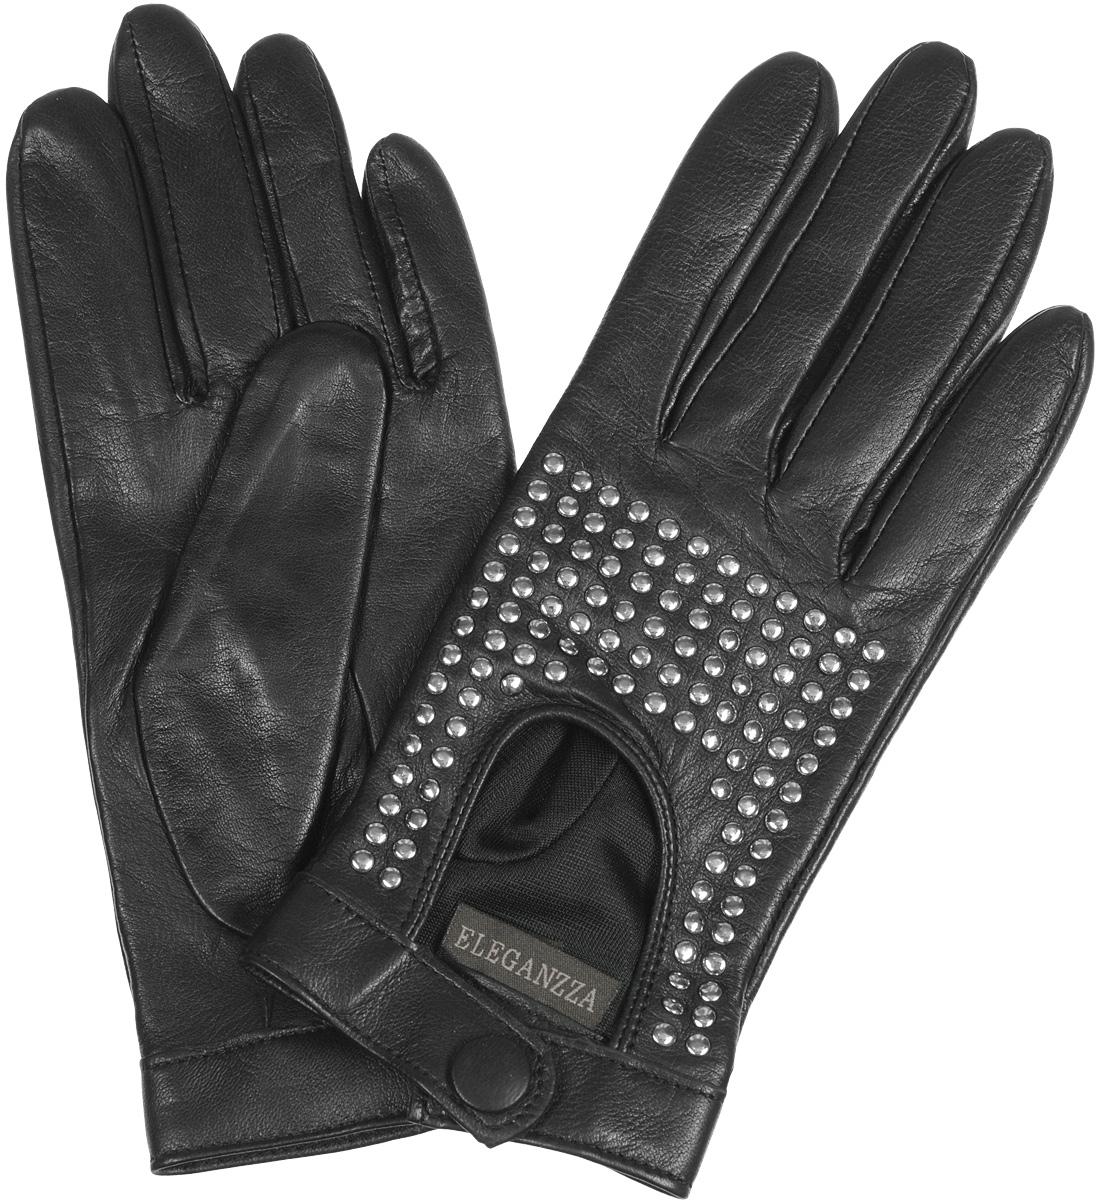 Перчатки женские Eleganzza, цвет: черный. IS02752. Размер 7.5IS02752Стильные женские перчатки Eleganzza не только защитят ваши руки от холода, но и станут великолепным украшением. Перчатки выполнены из чрезвычайно мягкой и приятной на ощупь натуральной кожи. Лицевая сторона перчаток на запястье застегивается хлястиками на кнопку. Оформлены перчатки декоративными клепками. В настоящее время перчатки являются неотъемлемой принадлежностью одежды, вместе с этим аксессуаром вы обретаете женственность и элегантность. Перчатки станут завершающим и подчеркивающим элементом вашего стиля и неповторимости.